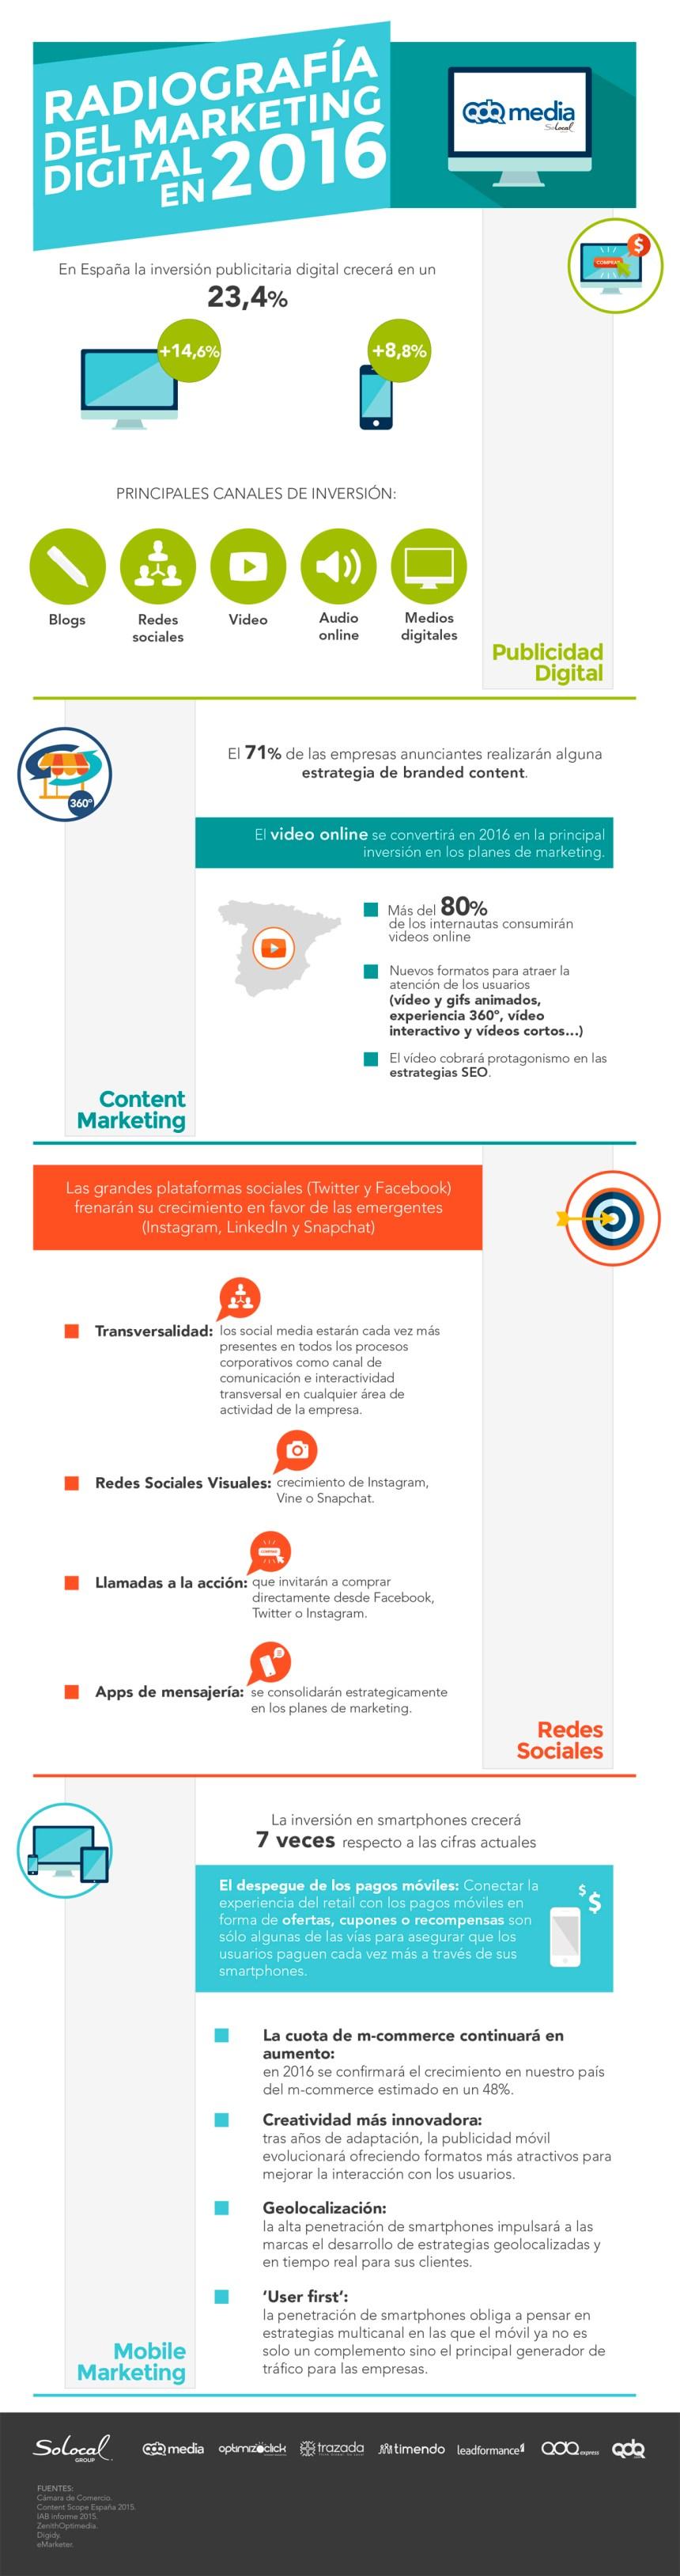 Radiografía del Marketing Digital en España 2016